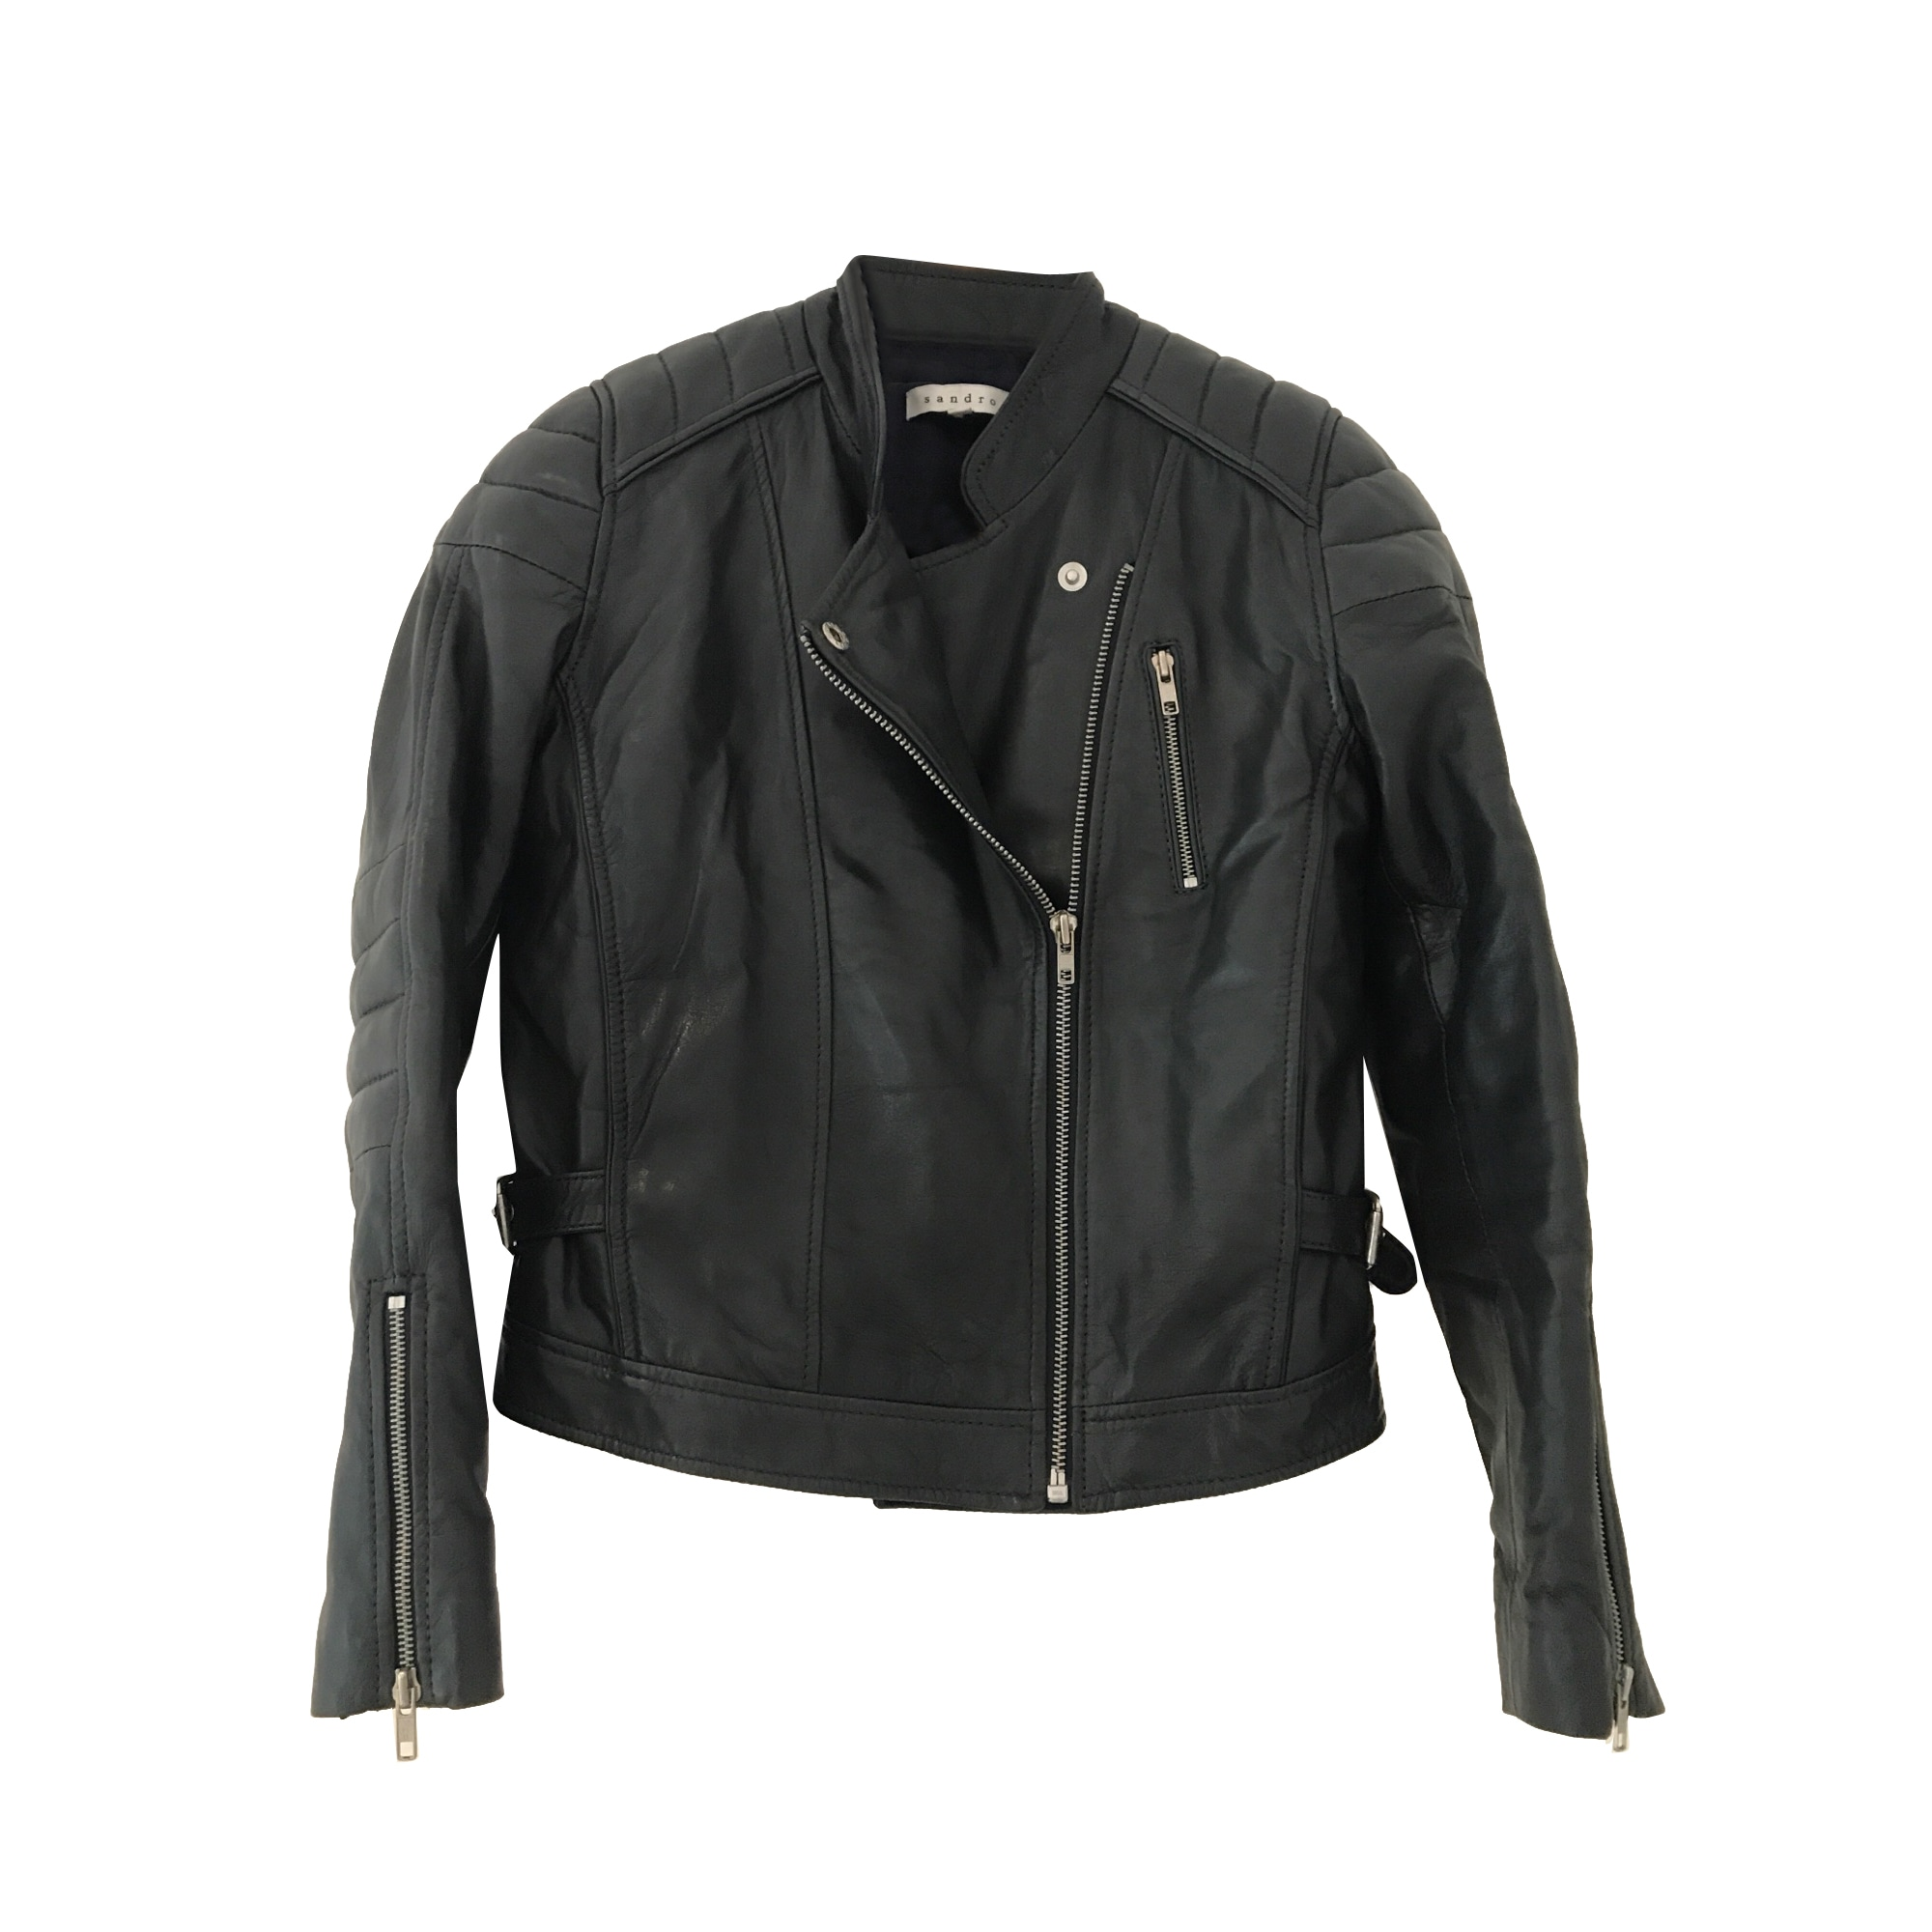 Blouson en cuir SANDRO 38 (M, T2) noir vendu par Scarlett 98 - 7039304 31df9d88c87